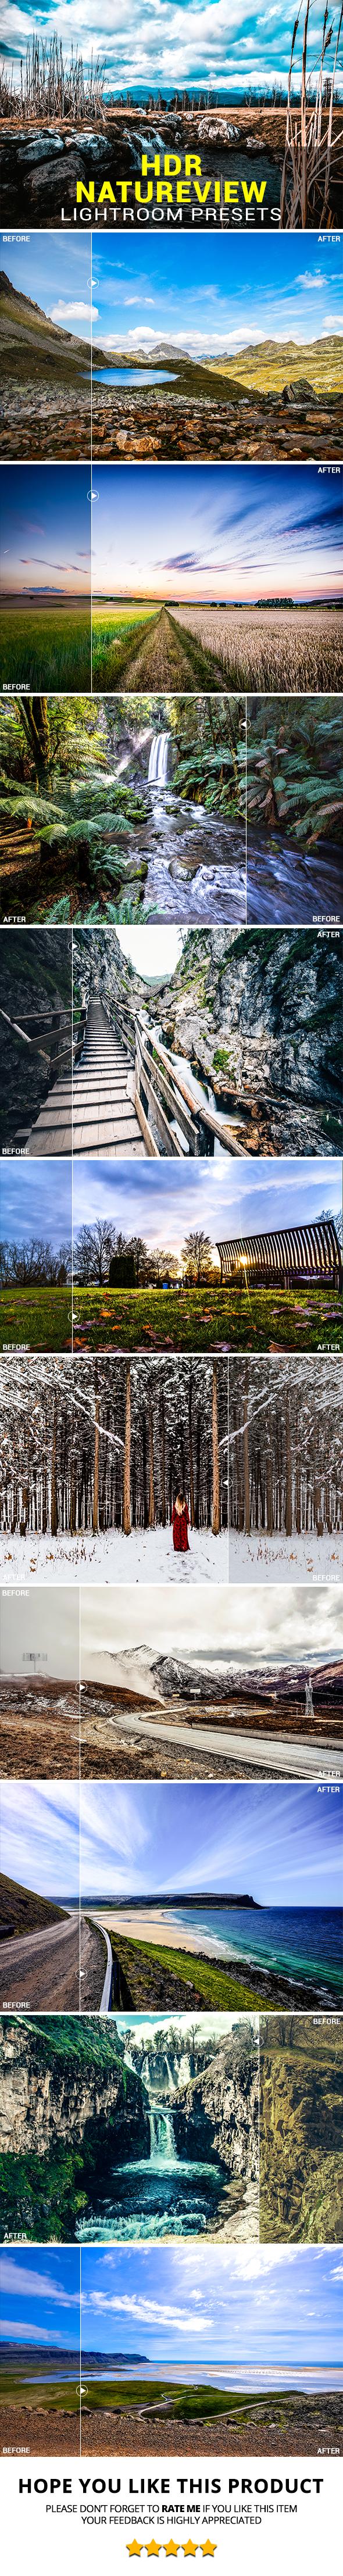 20 HDR Natureview Lightroom Presets - Lightroom Presets Add-ons